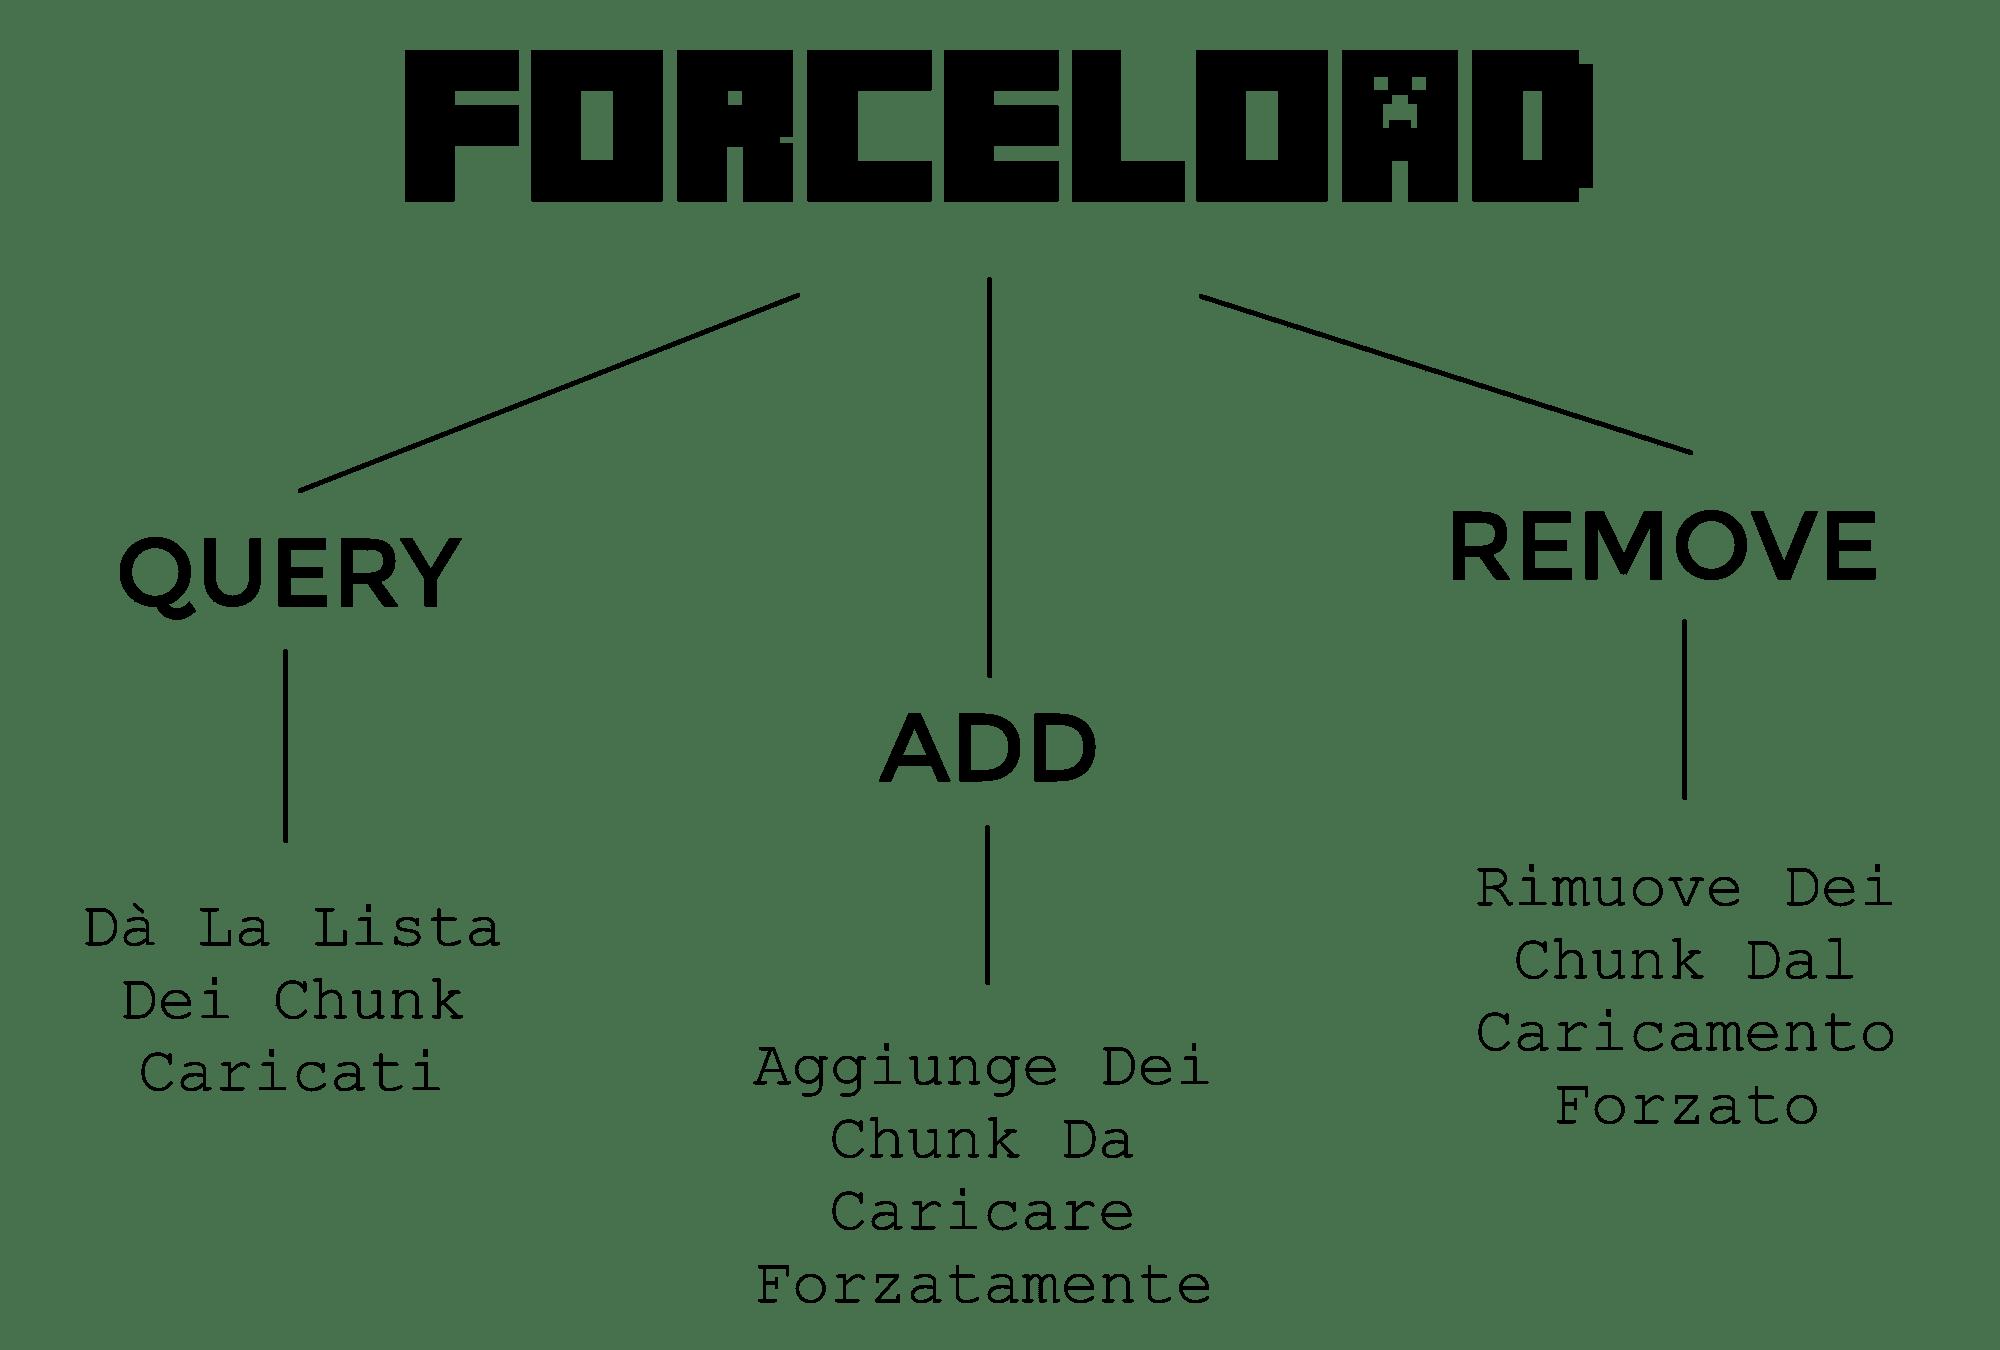 Il nuovo Comando di Minecraft 1.15, il nostro caro Forceload. Pronti per impararlo alla grande? Buona lettura Gamers!